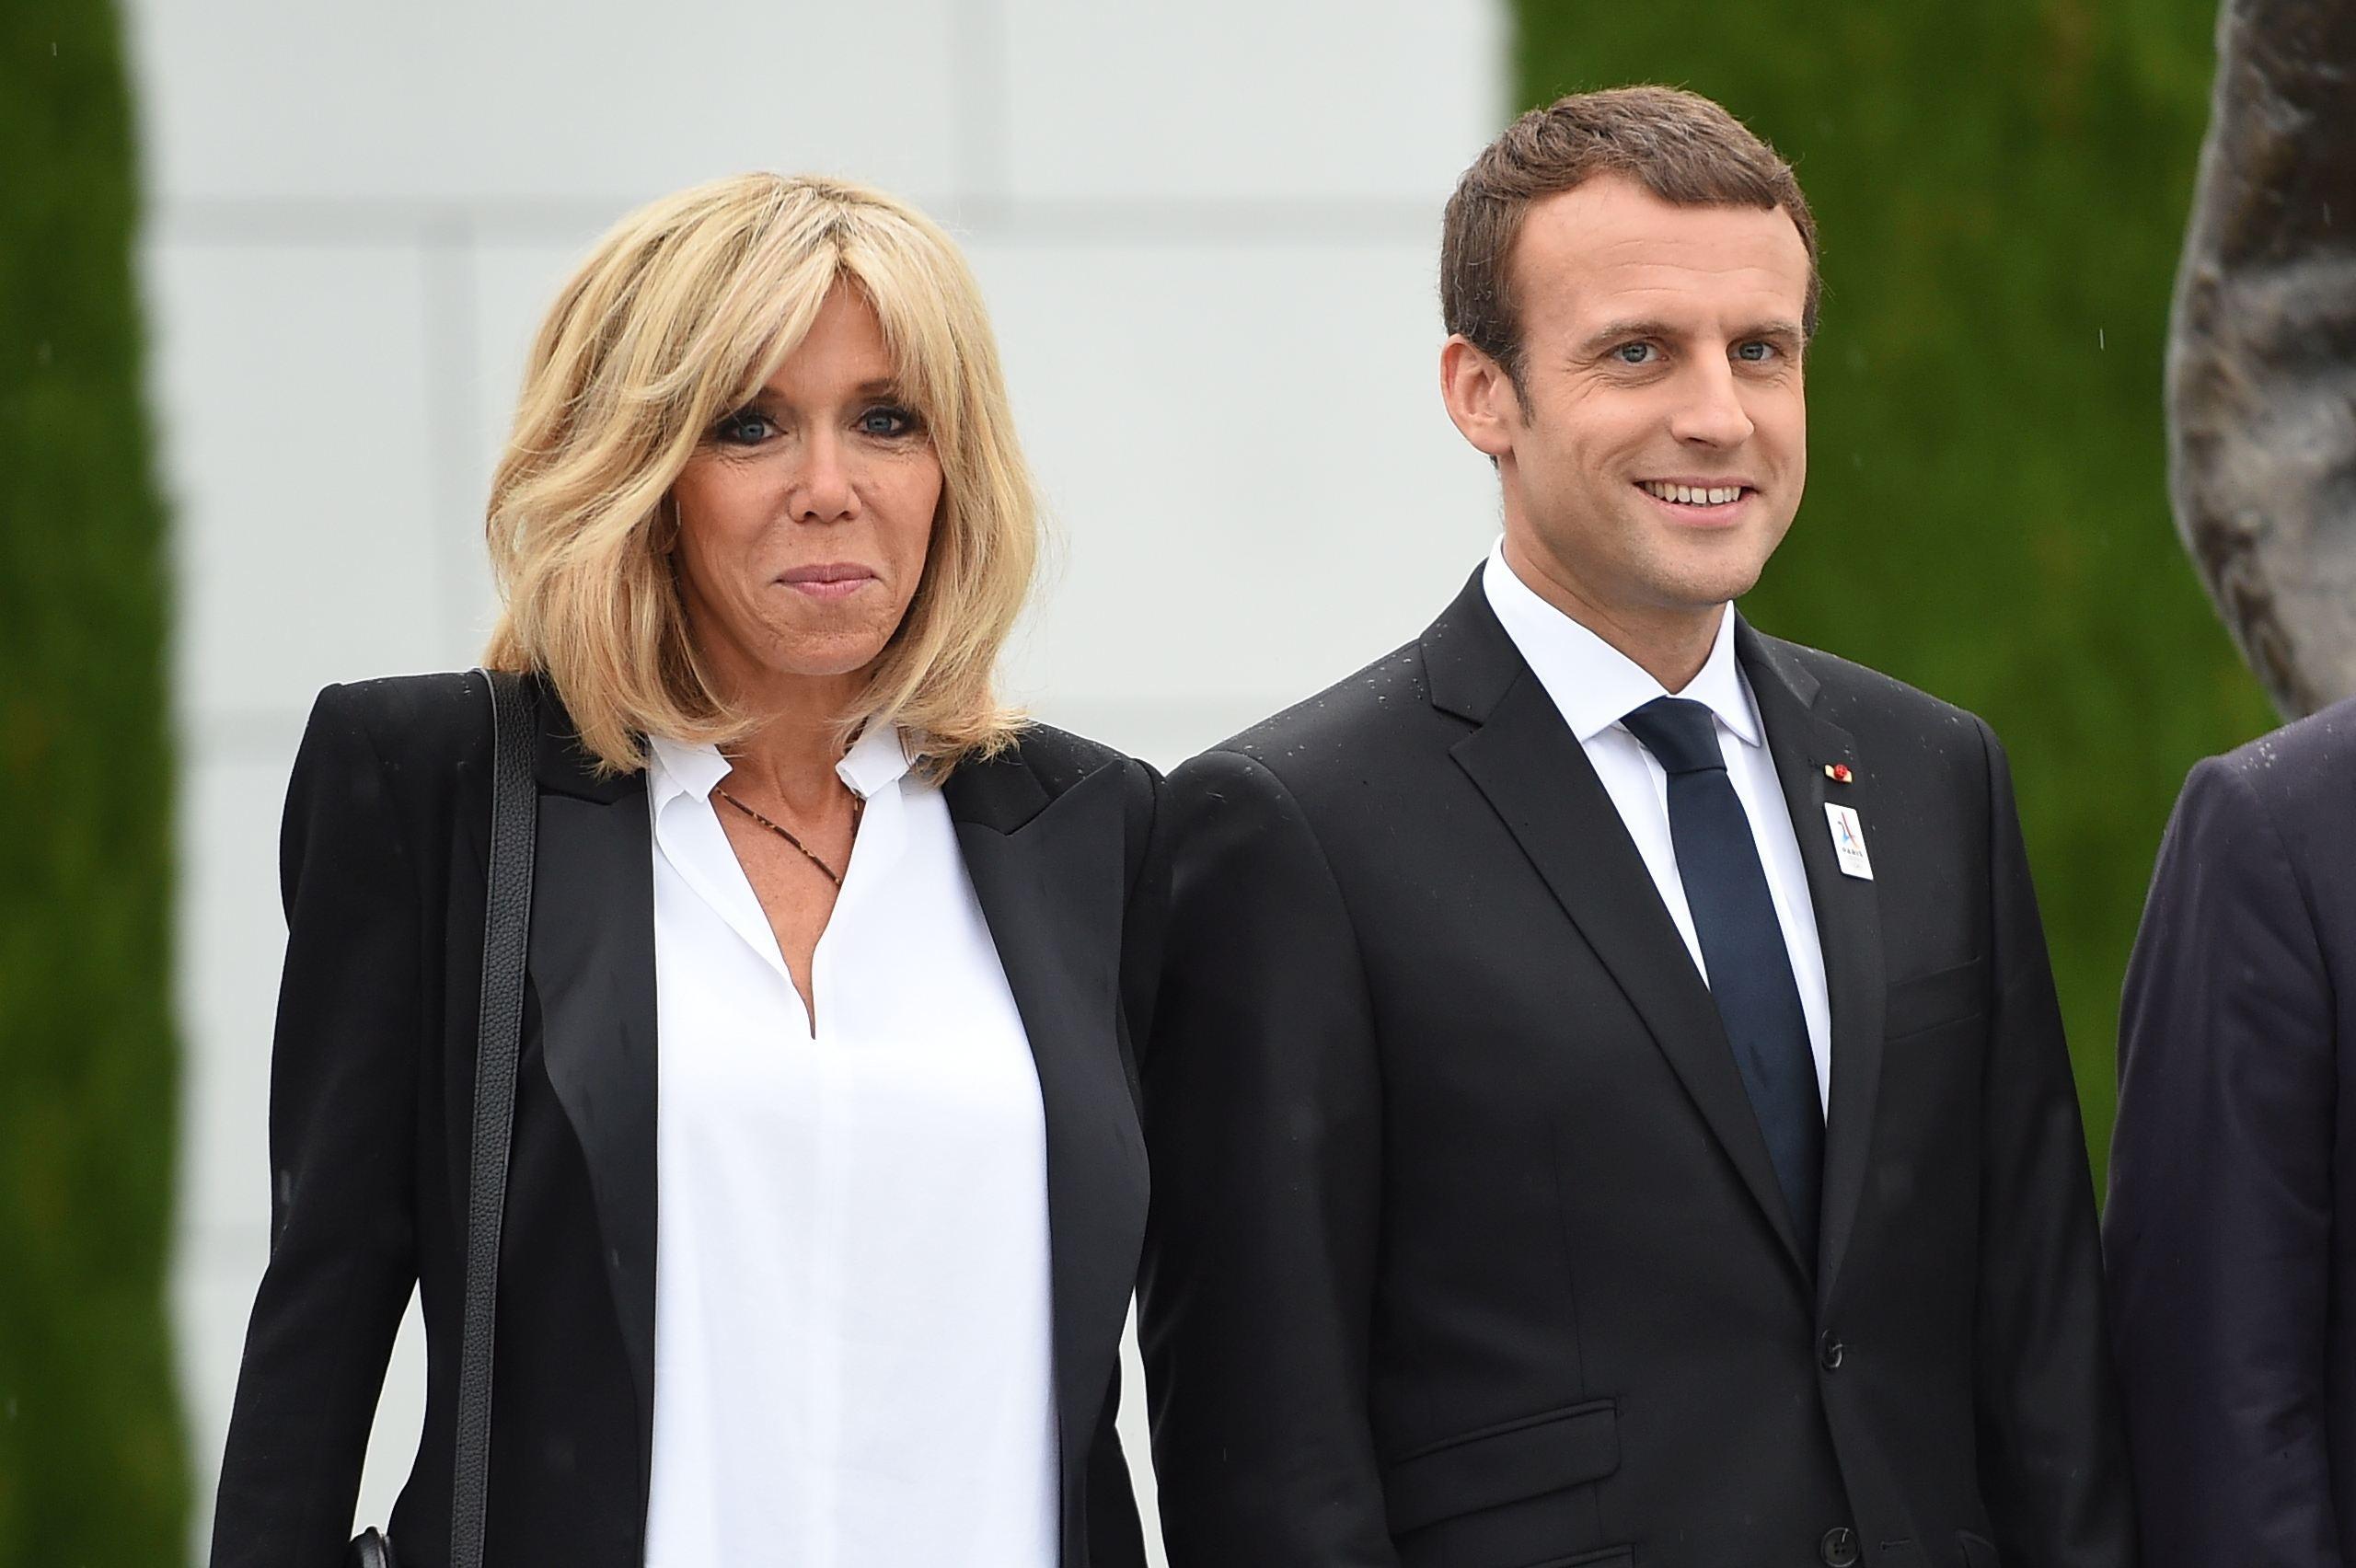 Emmanuel Macron va efectua o vizită în România pe 24 august/ Preşedintele Franţei va aborda subiectul forţei de muncă ieftine în cadrul vizitei din Europa de Est